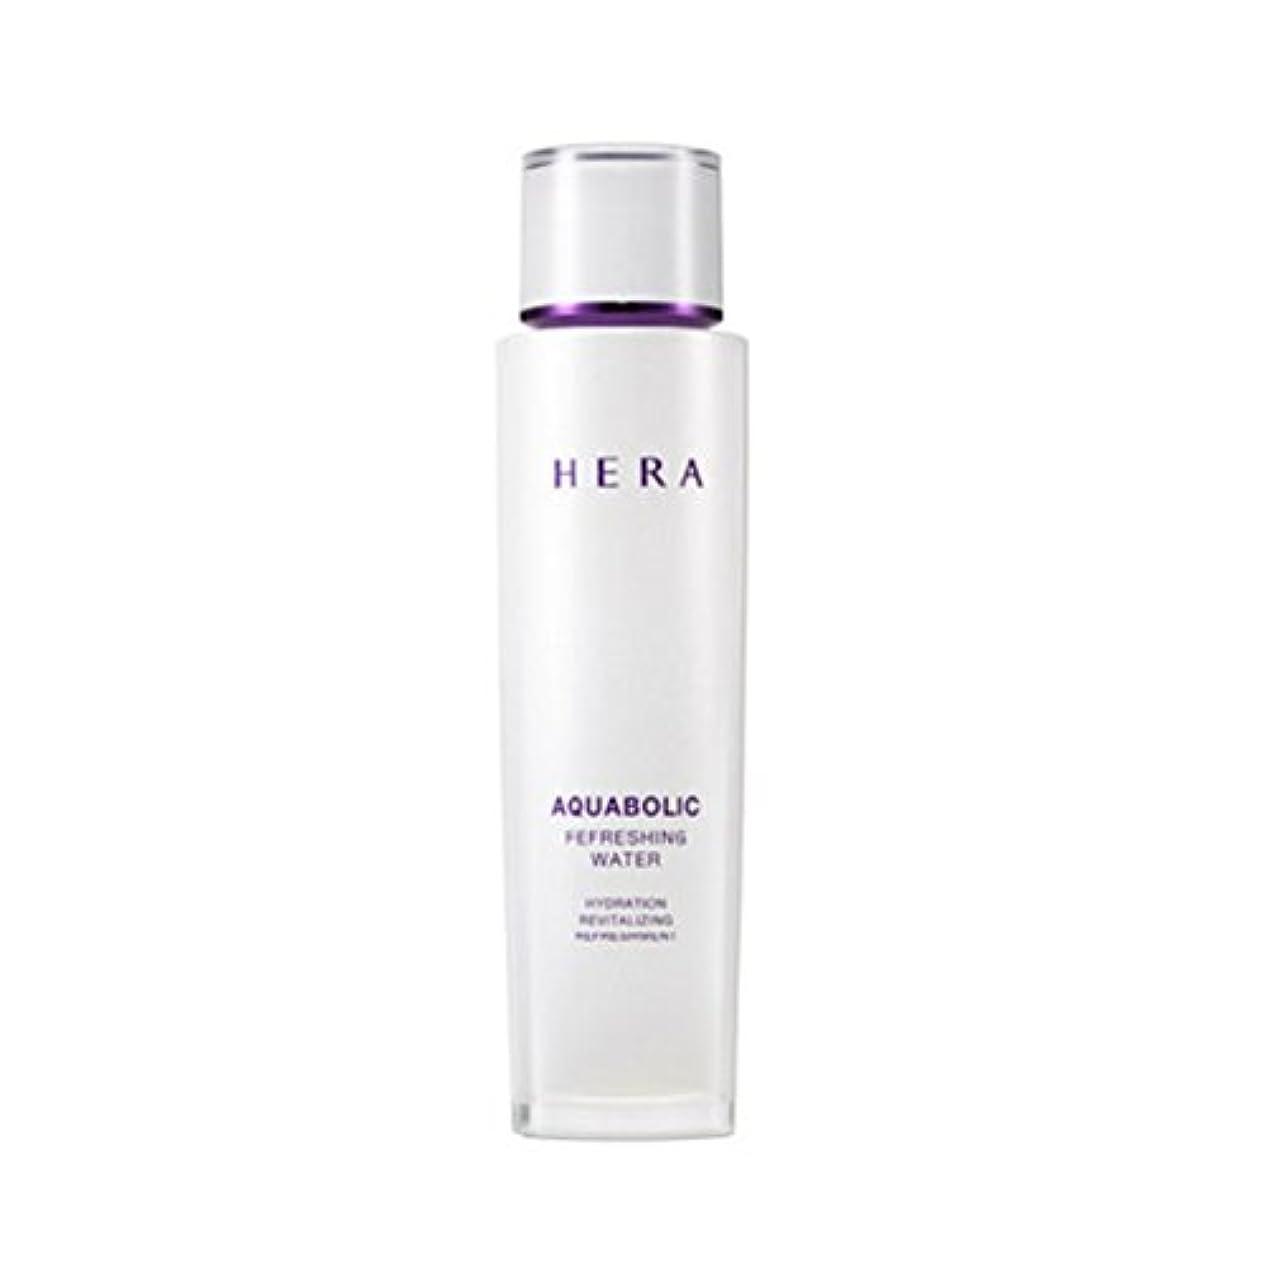 バトル光電まぶしさ(ヘラ) HERA Aquabolic Refreshing Water アクアボリックリフレッシュウォーター (韓国直発送) oopspanda